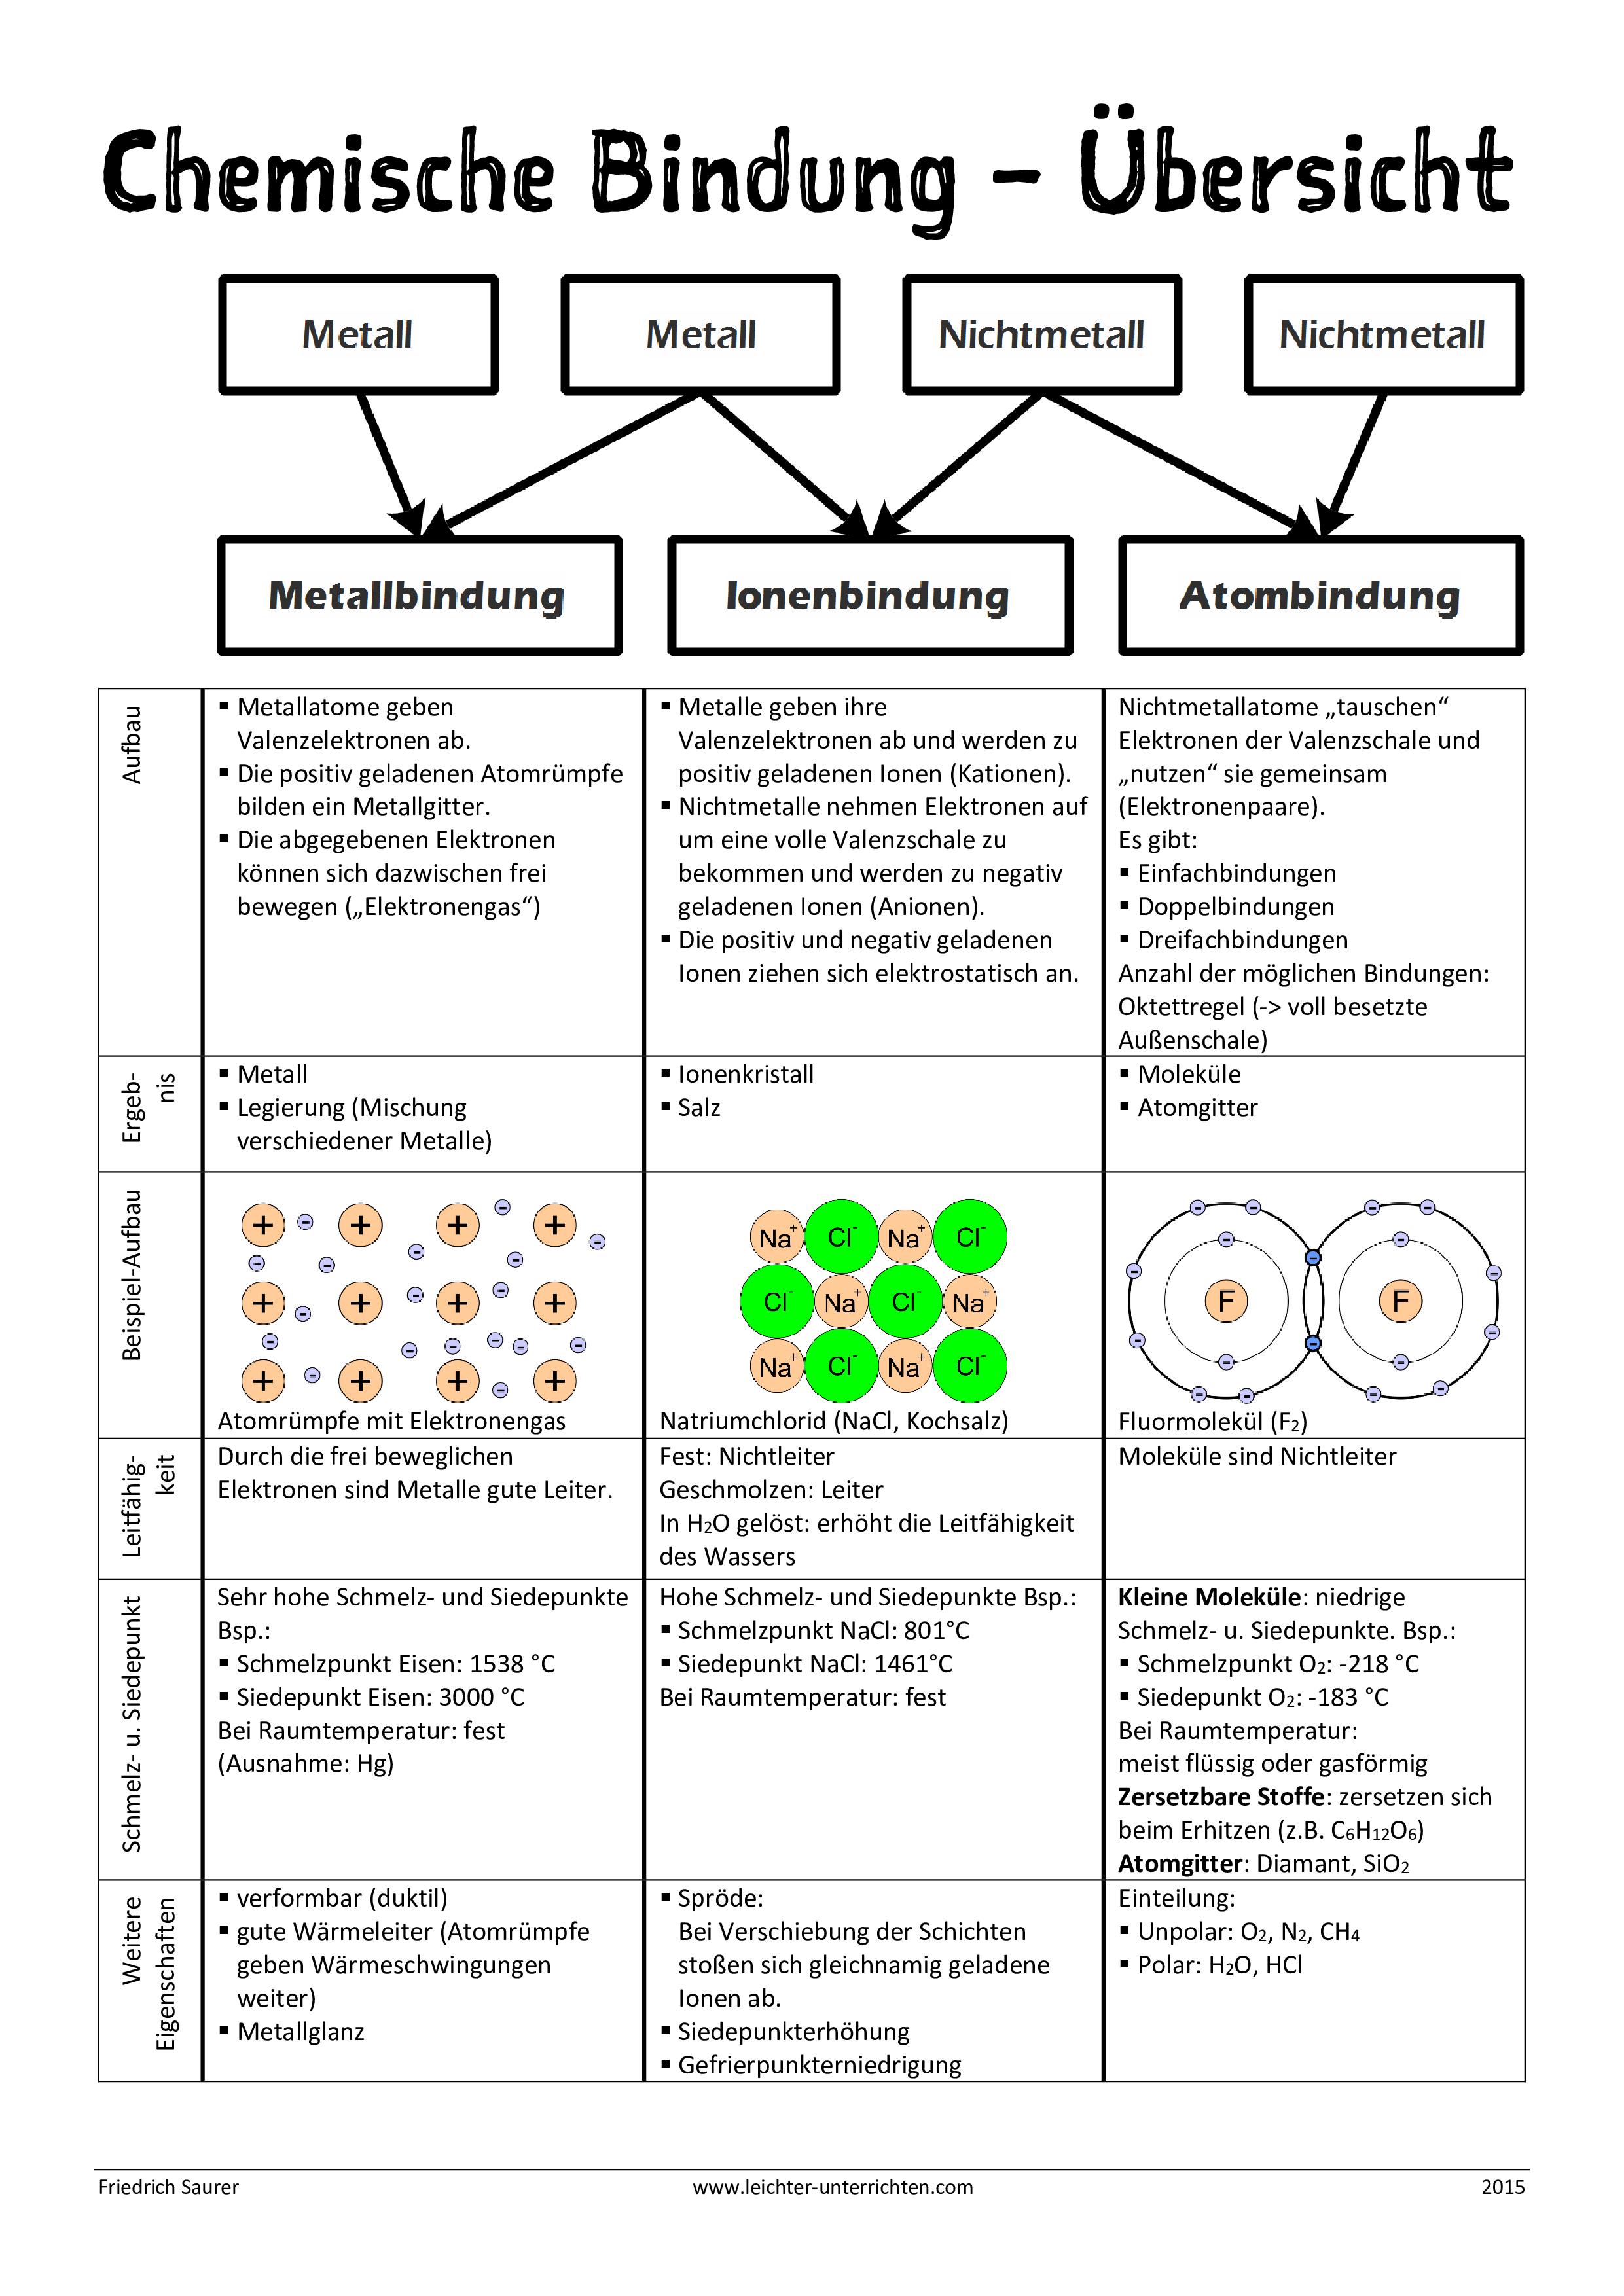 Ubersicht Chemische Bindung Lernen Tipps Schule Chemische Bindung Nachhilfe Mathe